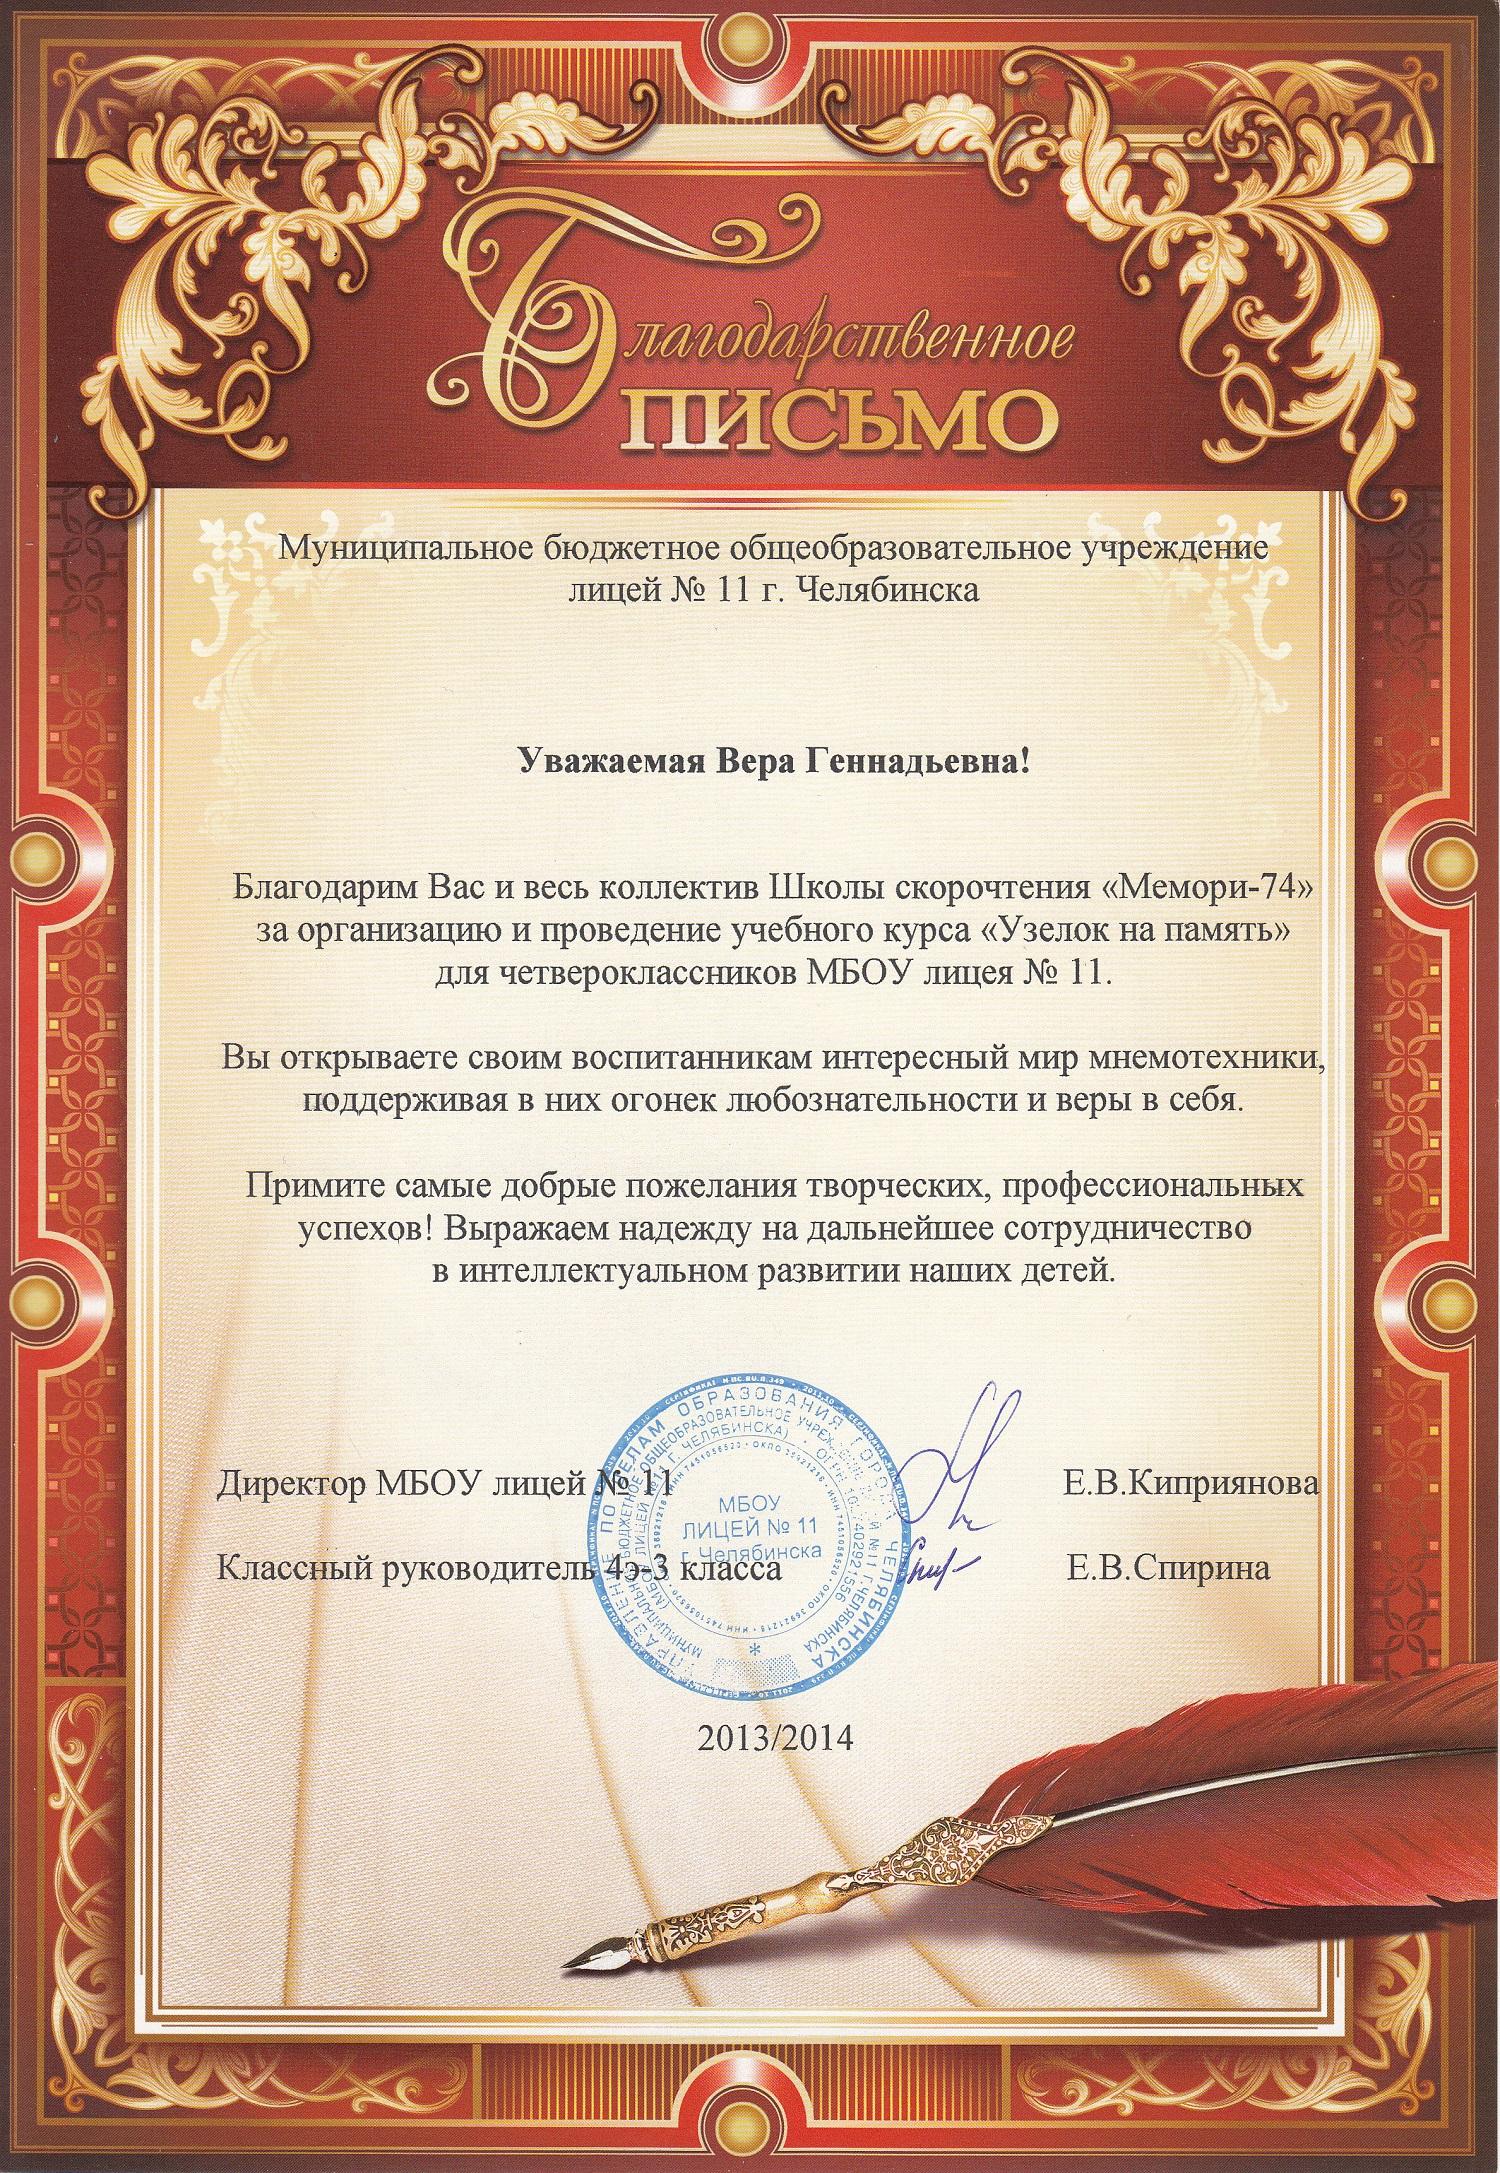 Вера Самойлова Благодарность от МБОУ лицея № 11 за проведение курса Узелок на память